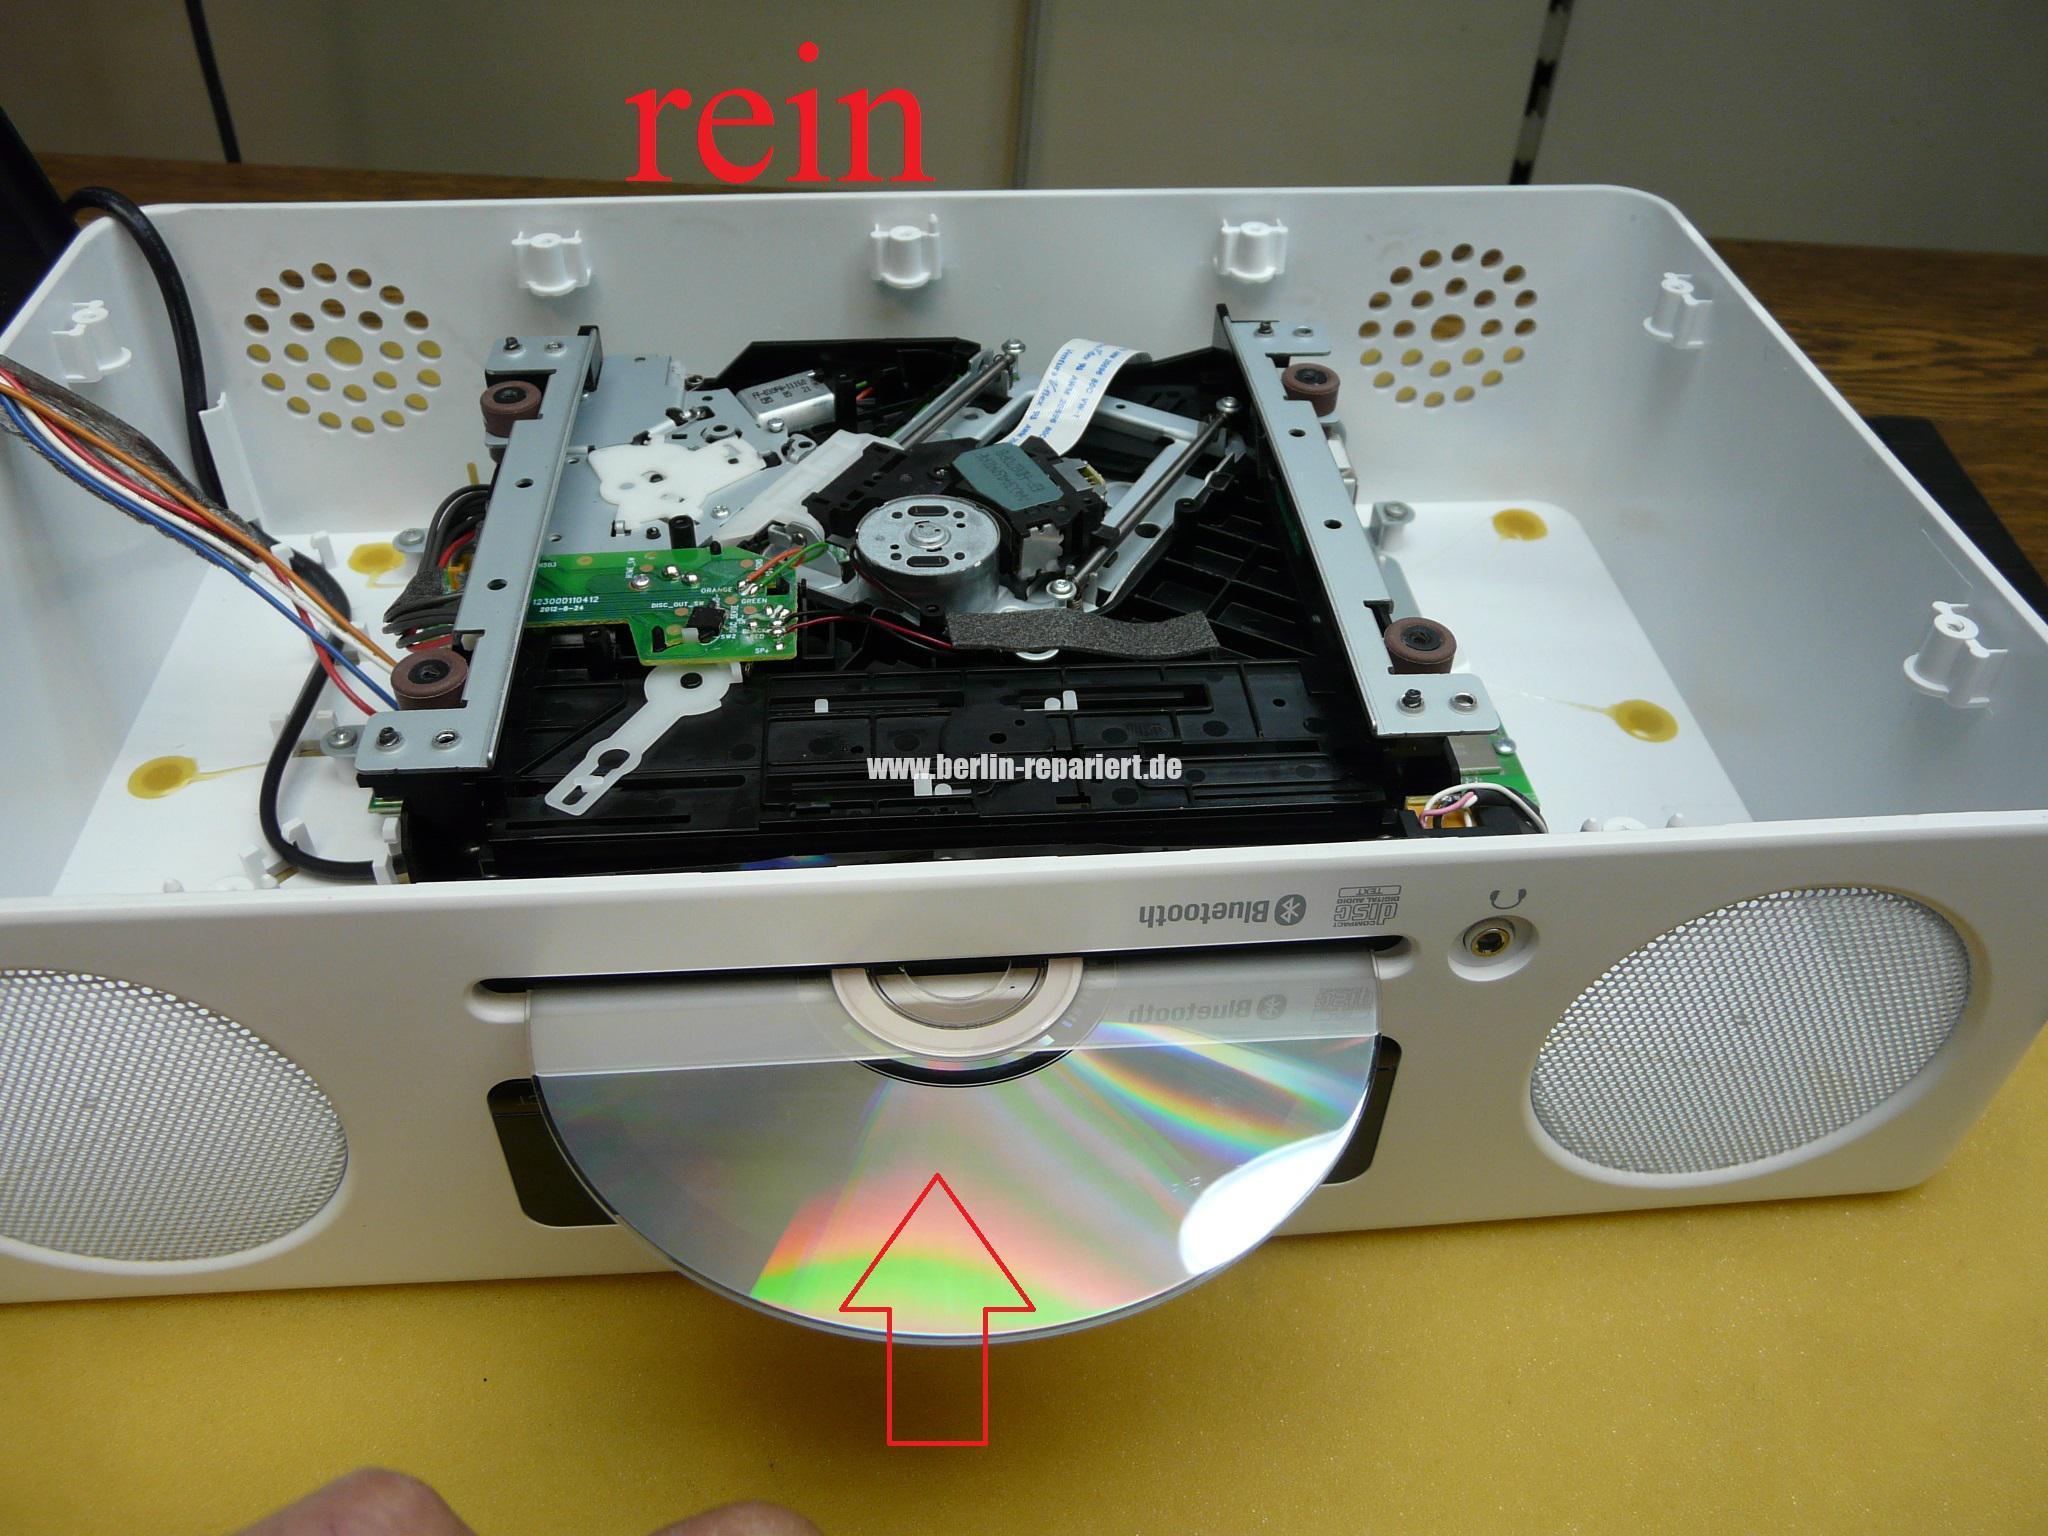 yamaha tsx b235 cd blockiert kommt nicht mehr raus motor ger usche atlas multimedia we repair